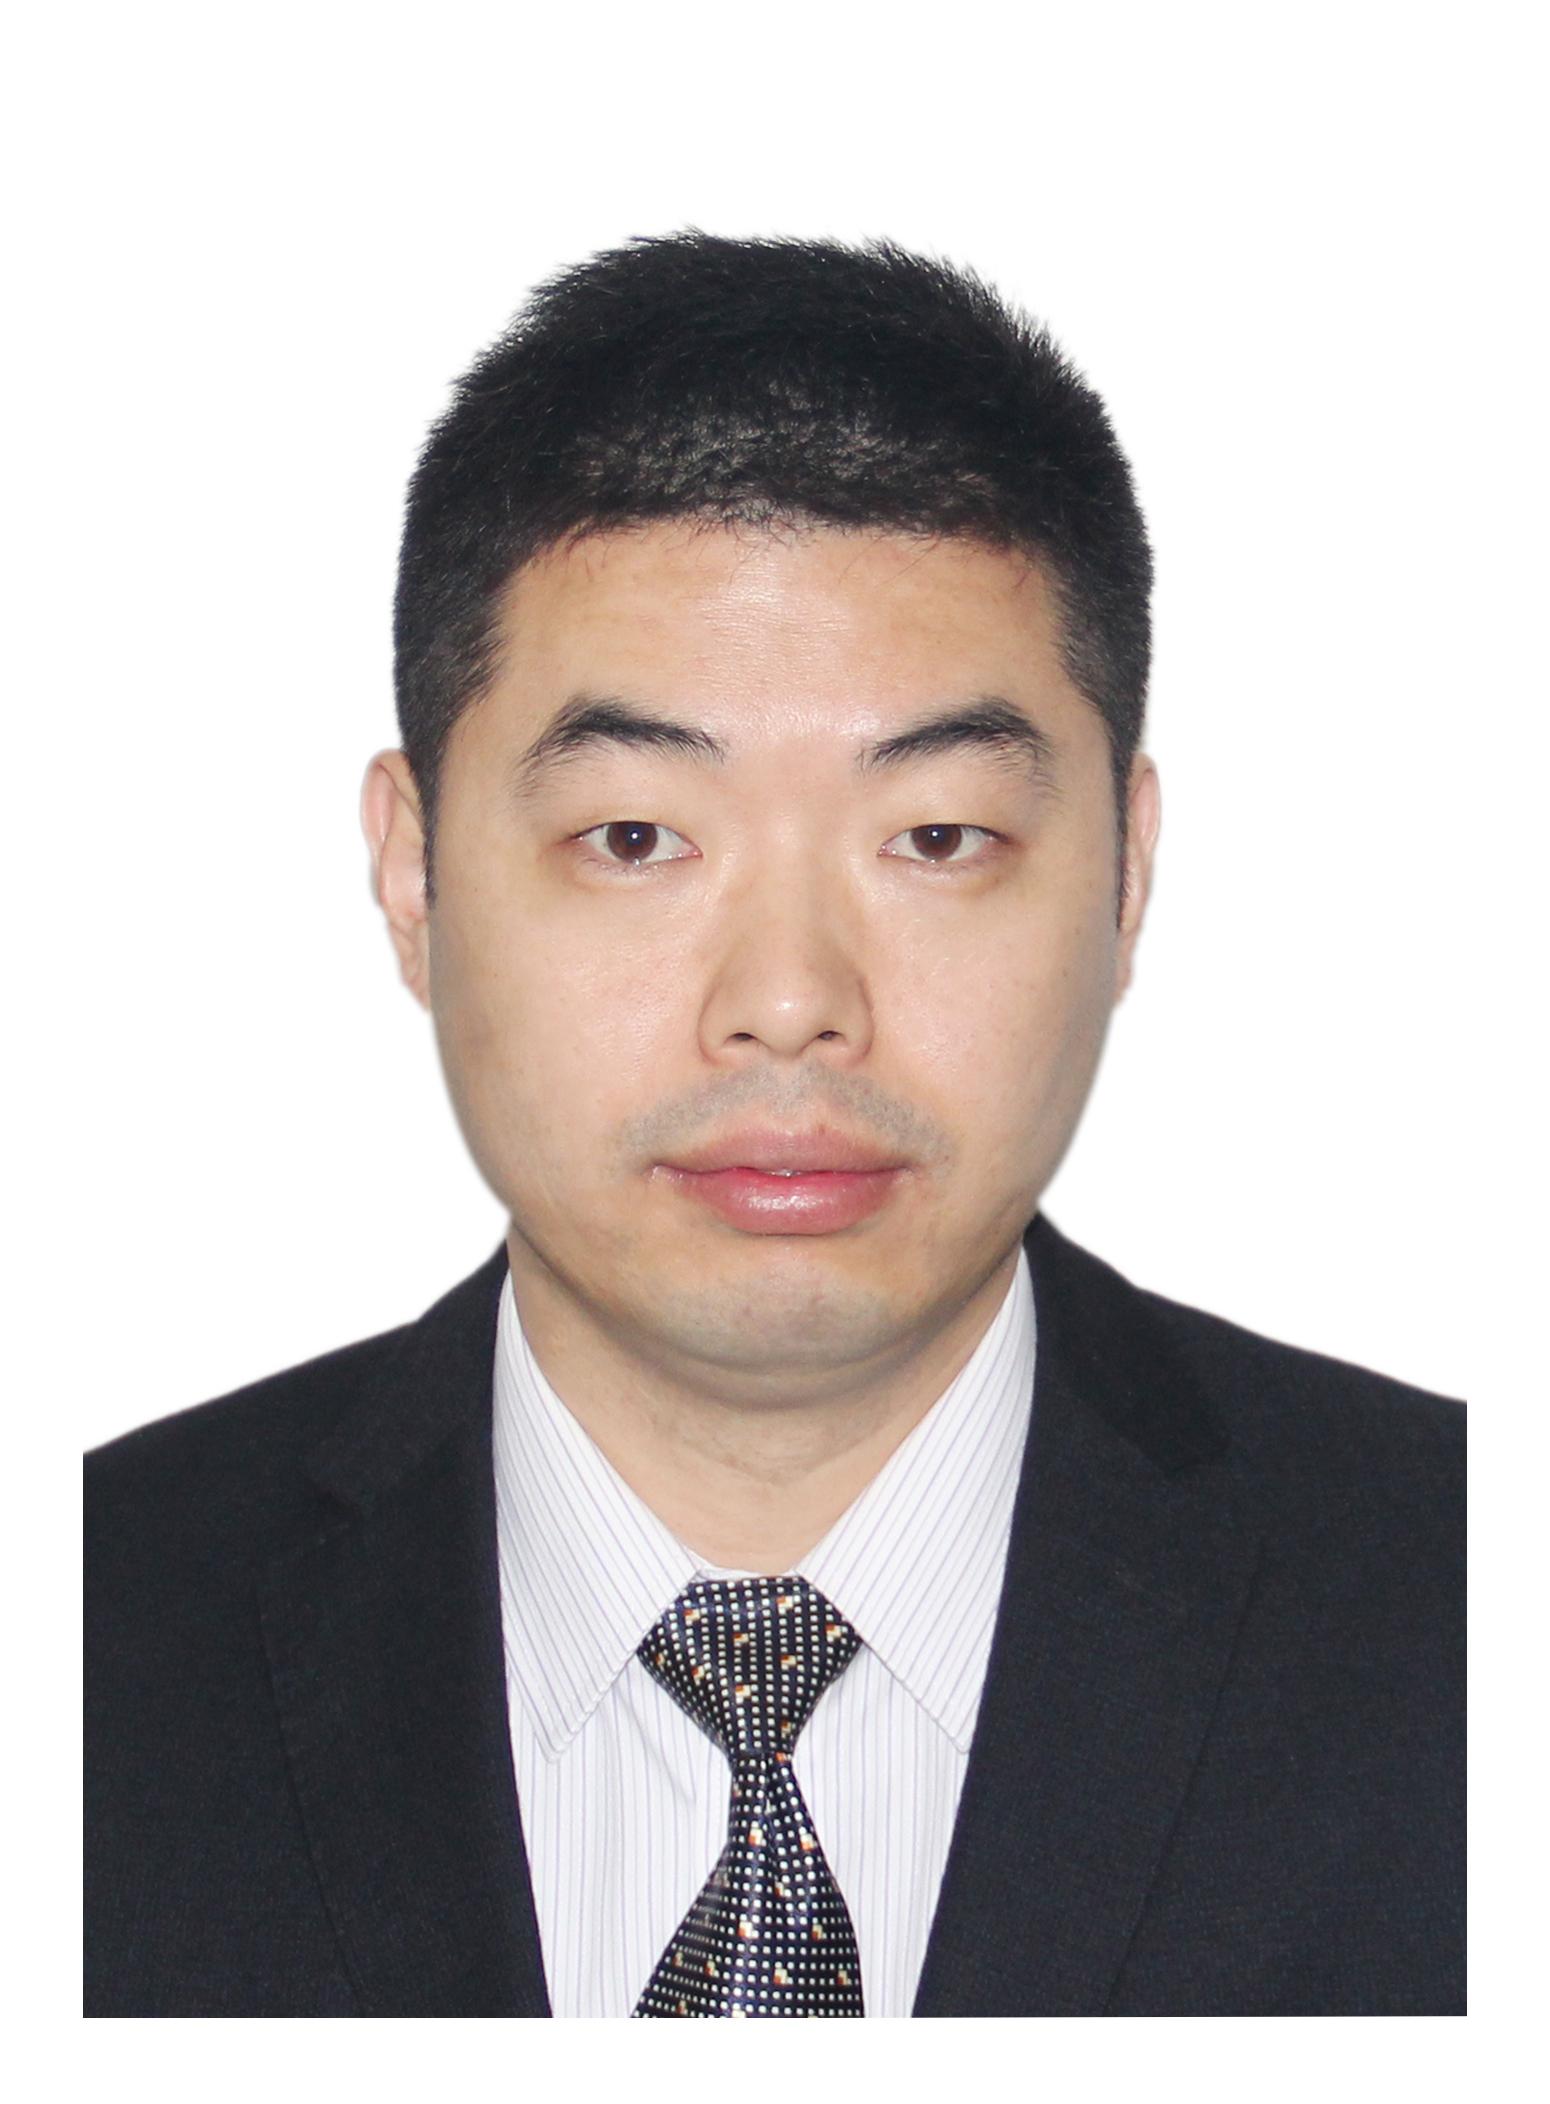 中国科学院上海硅酸盐研究所 吴成铁照片